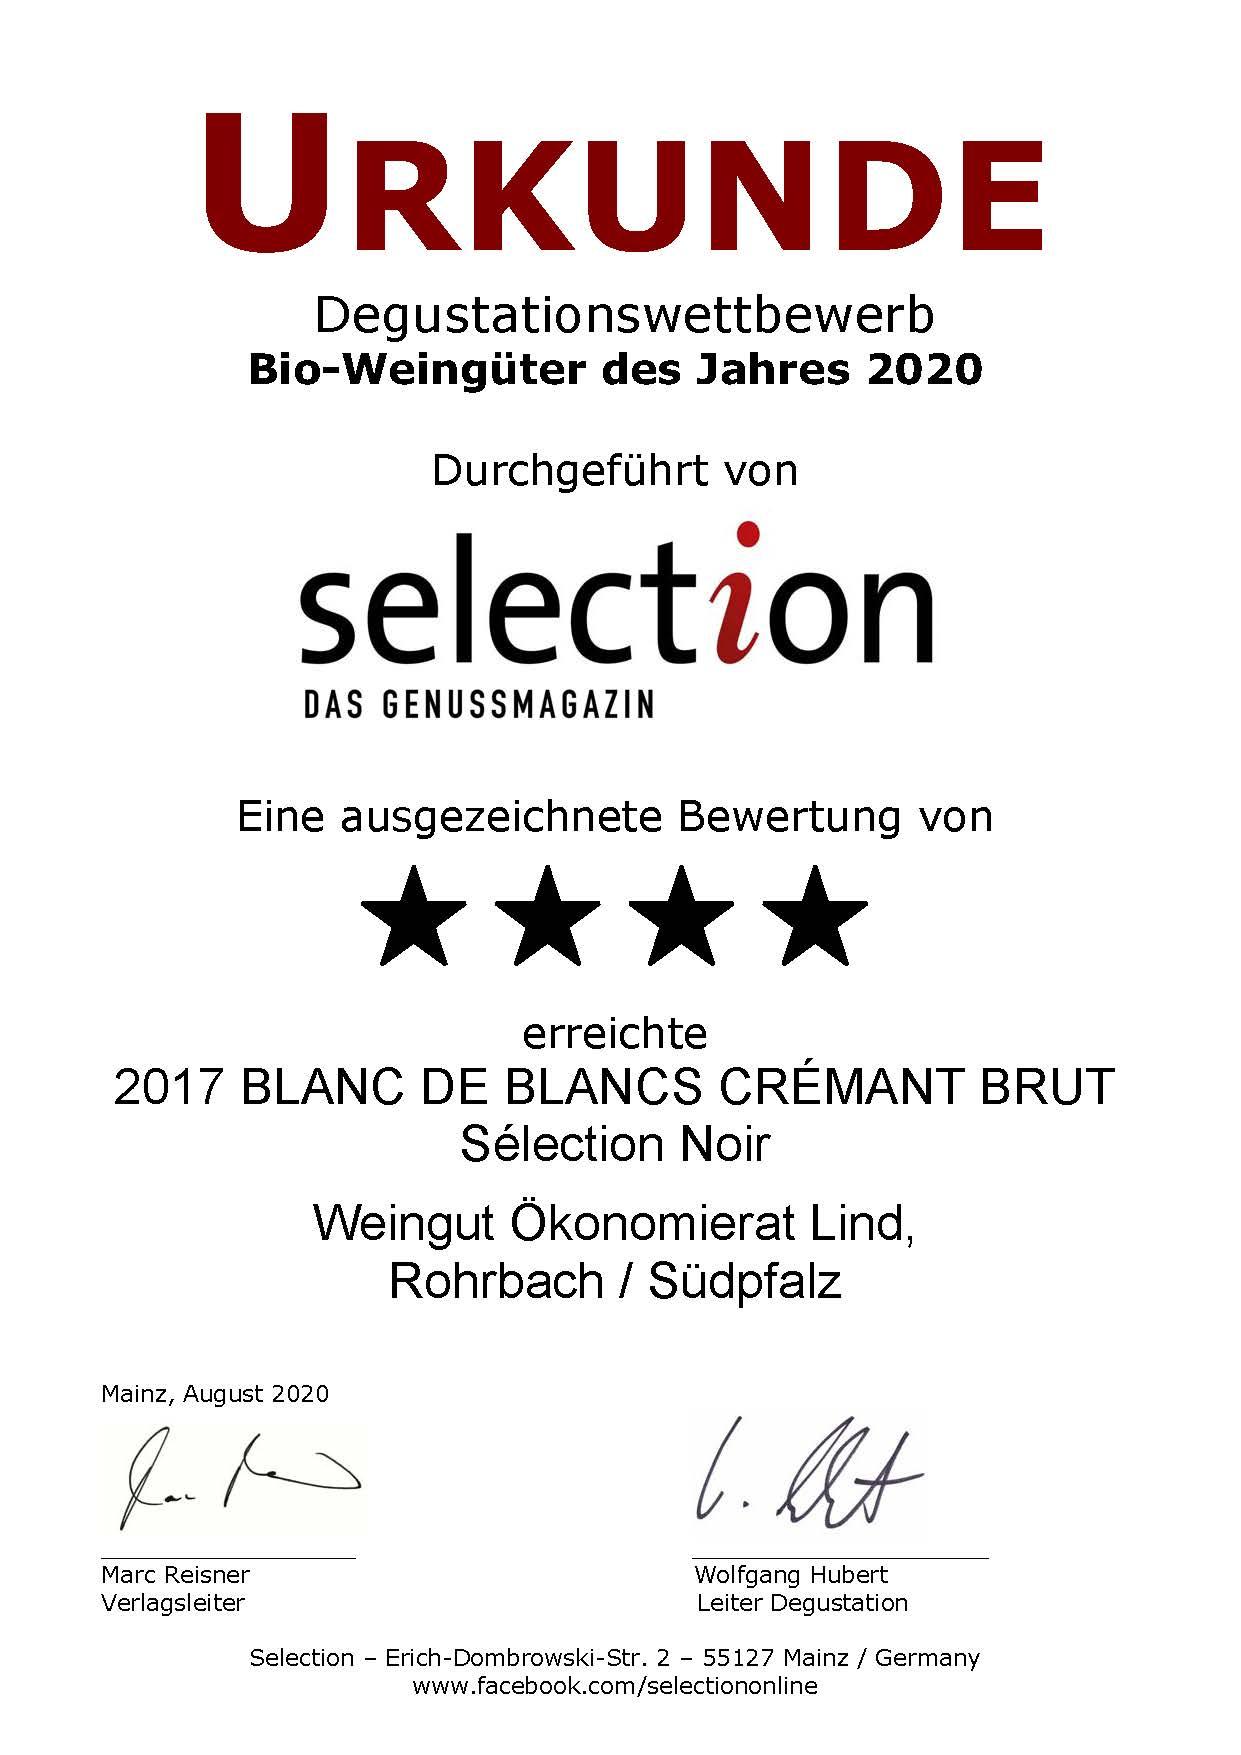 Nr. 33 - BLANC DE BLANCS CRÉMANT BRUT - 4 Sterne